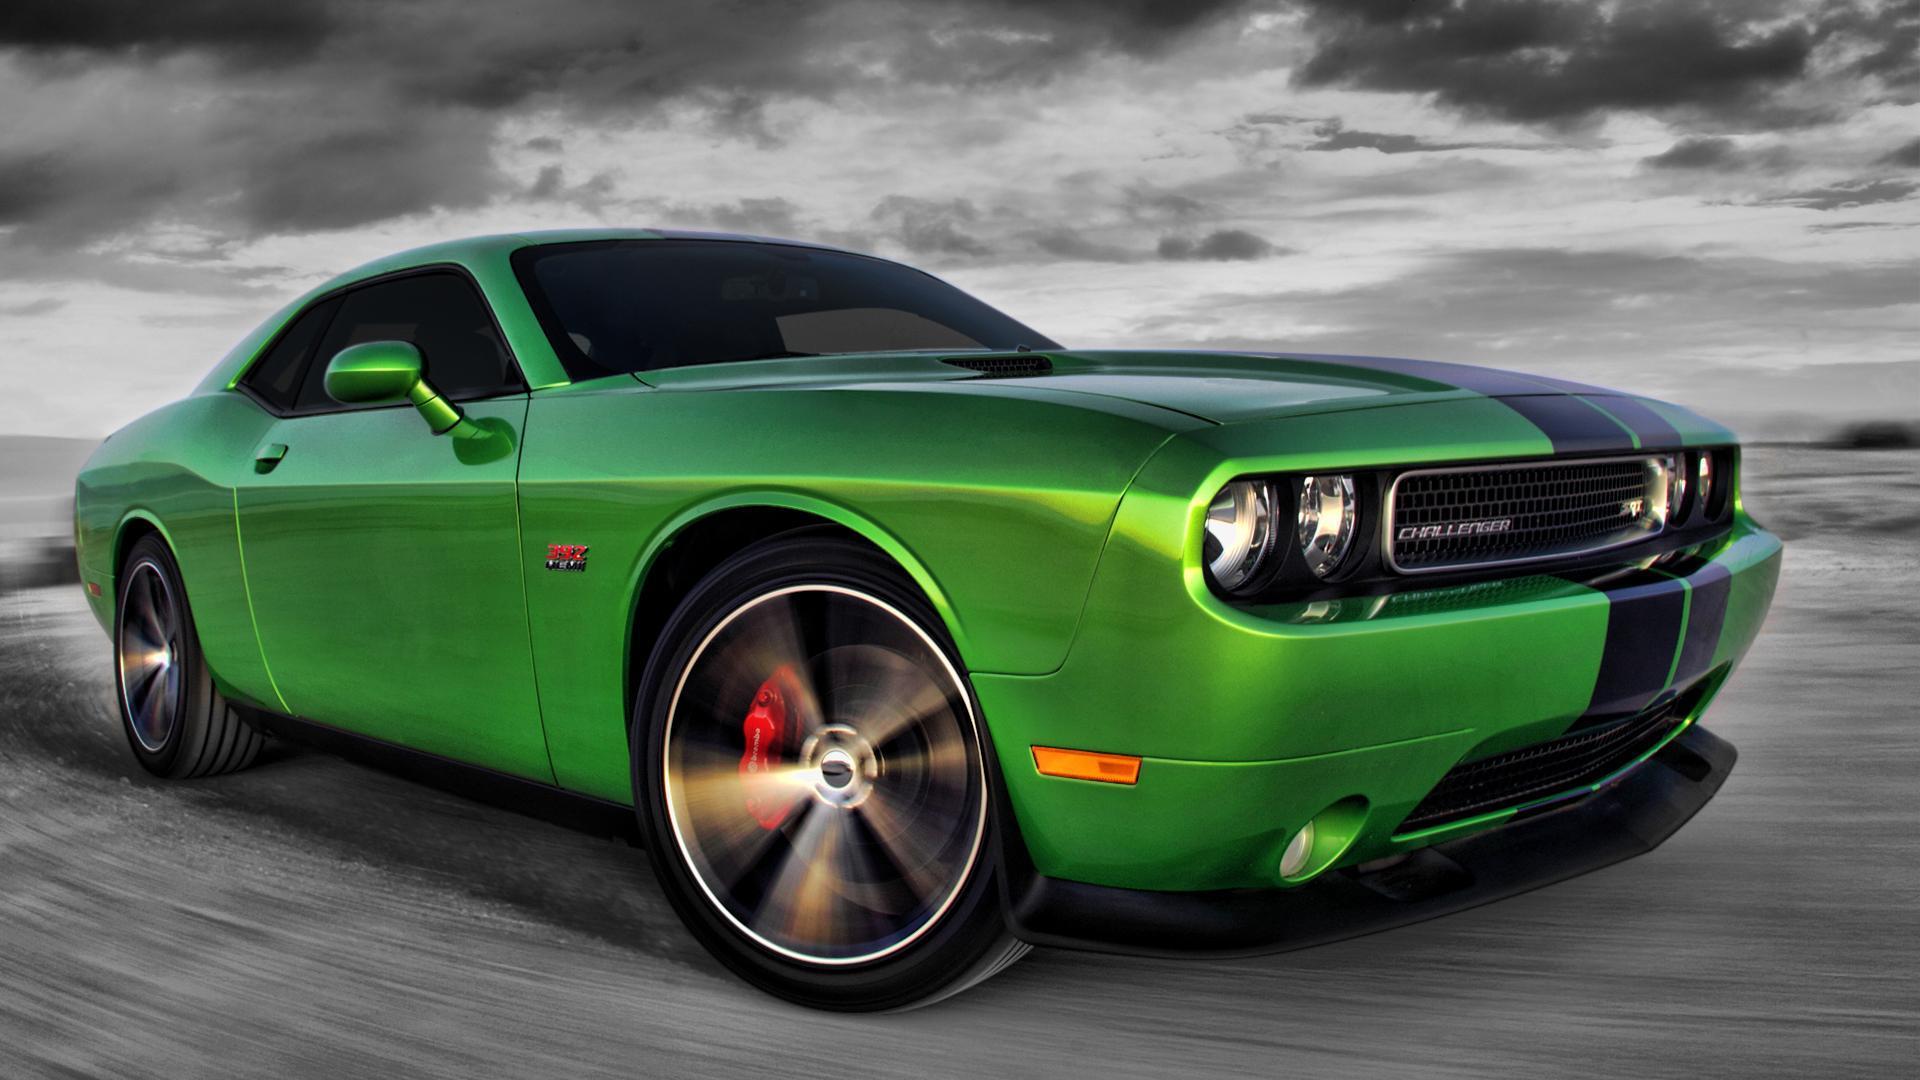 Dodge Charger Muscle Car Wallpaper 2011 Challenger Srt8 Hd Desktop Wallpaper Widescreen